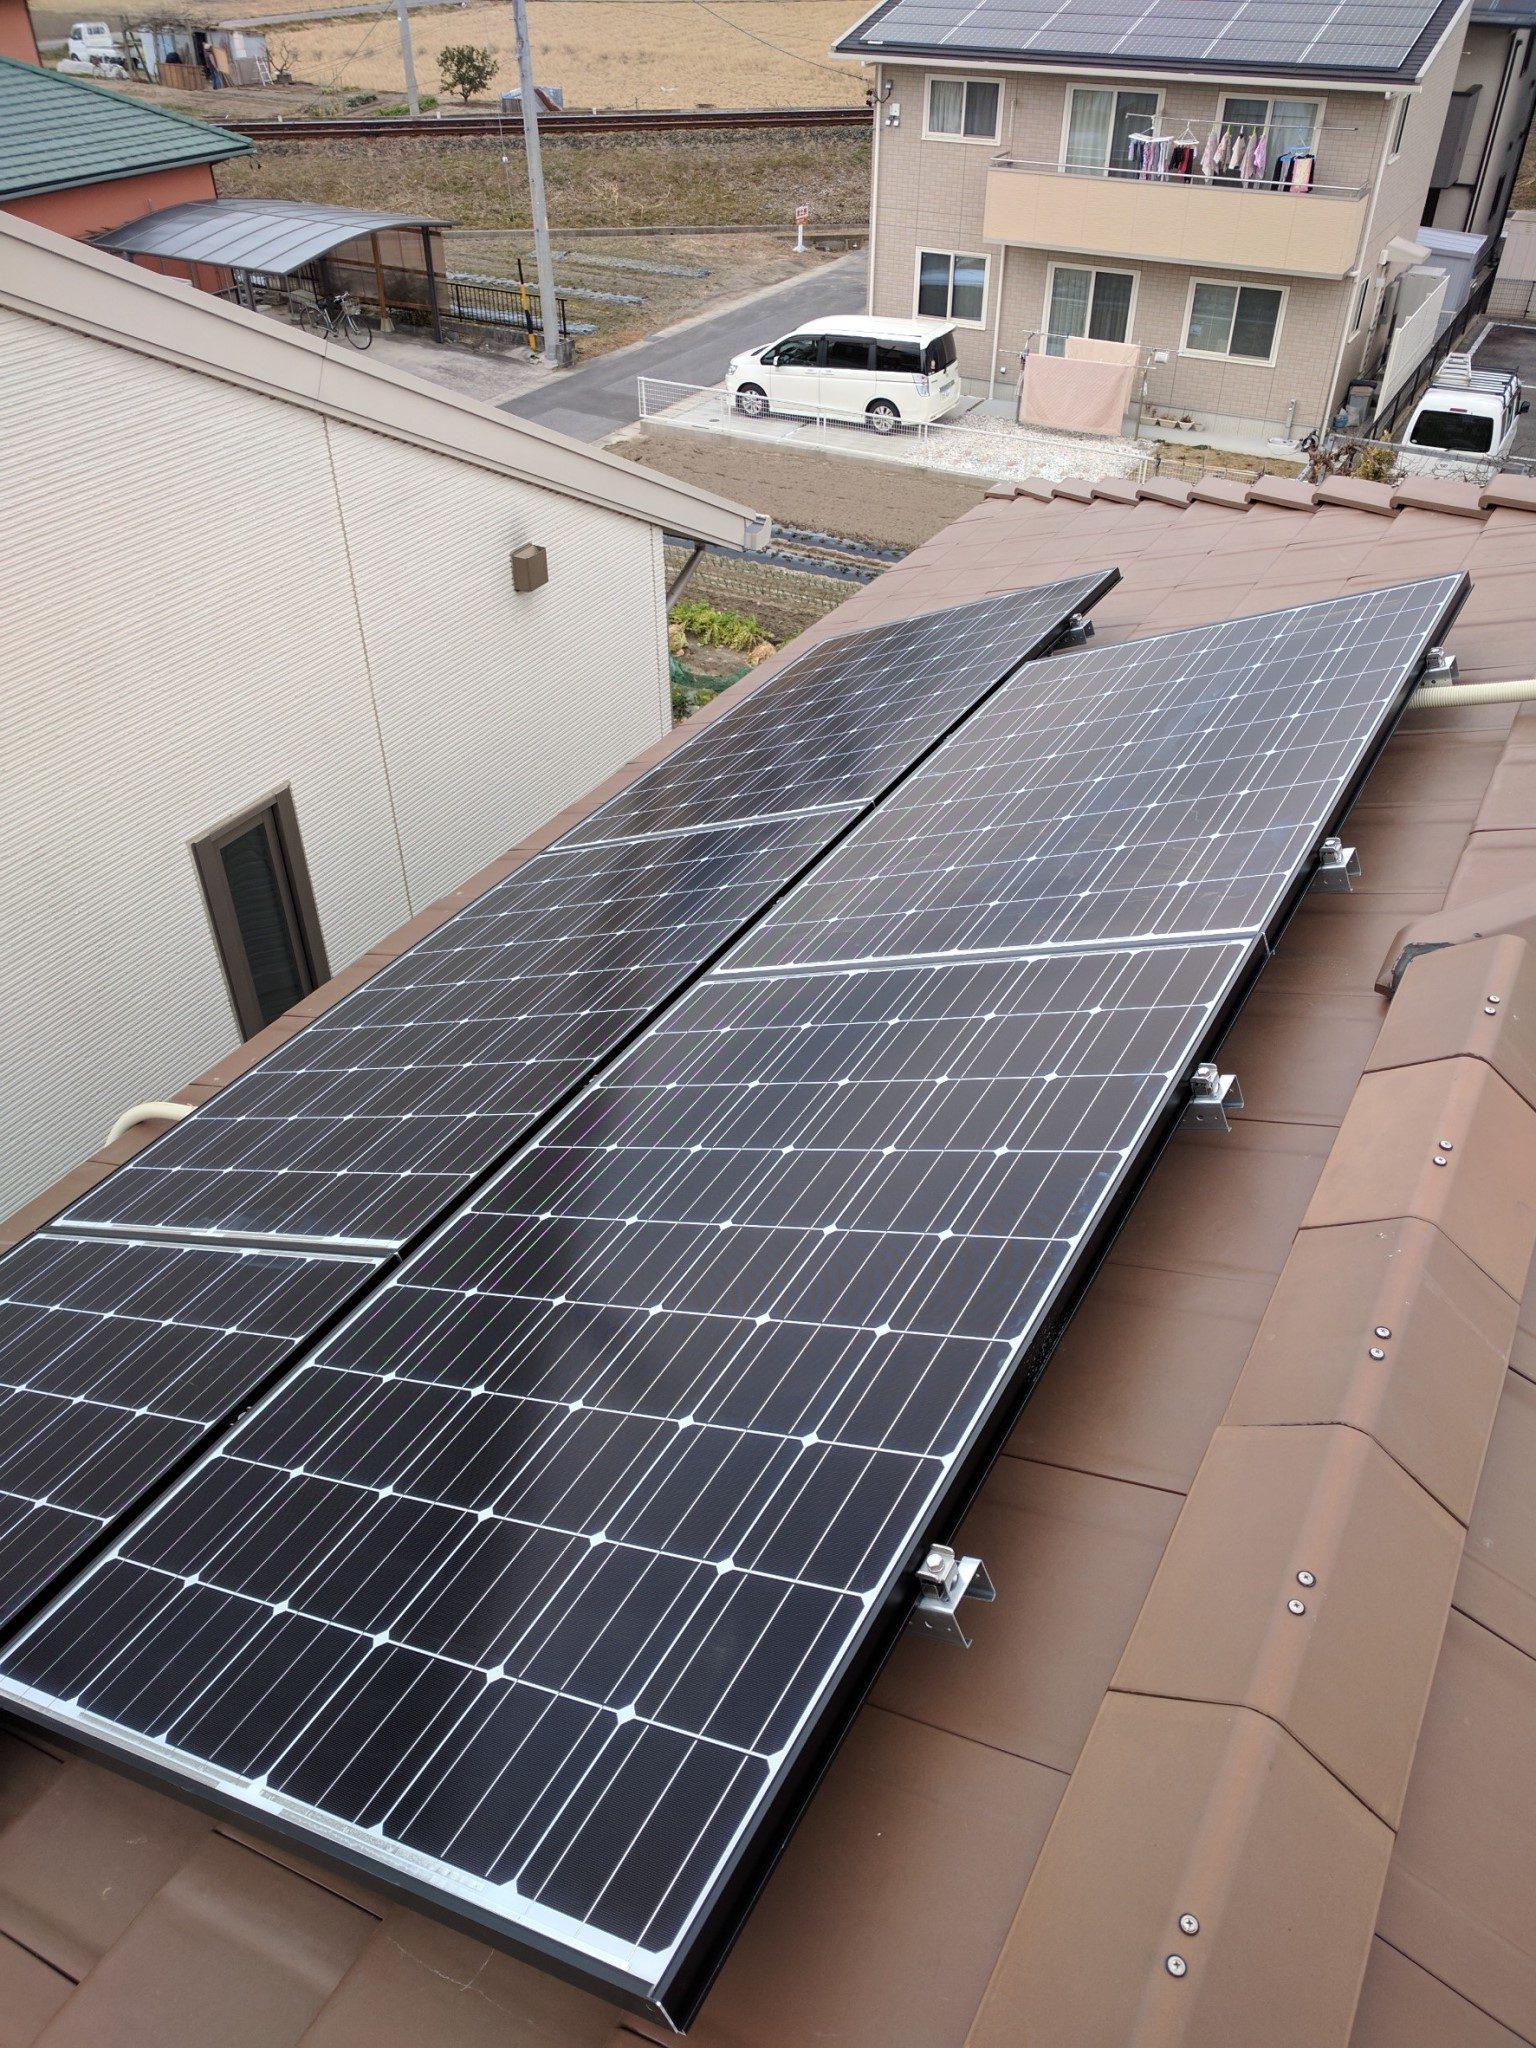 大阪府長州太陽光パネル 19枚CS-260B51施工後の写真